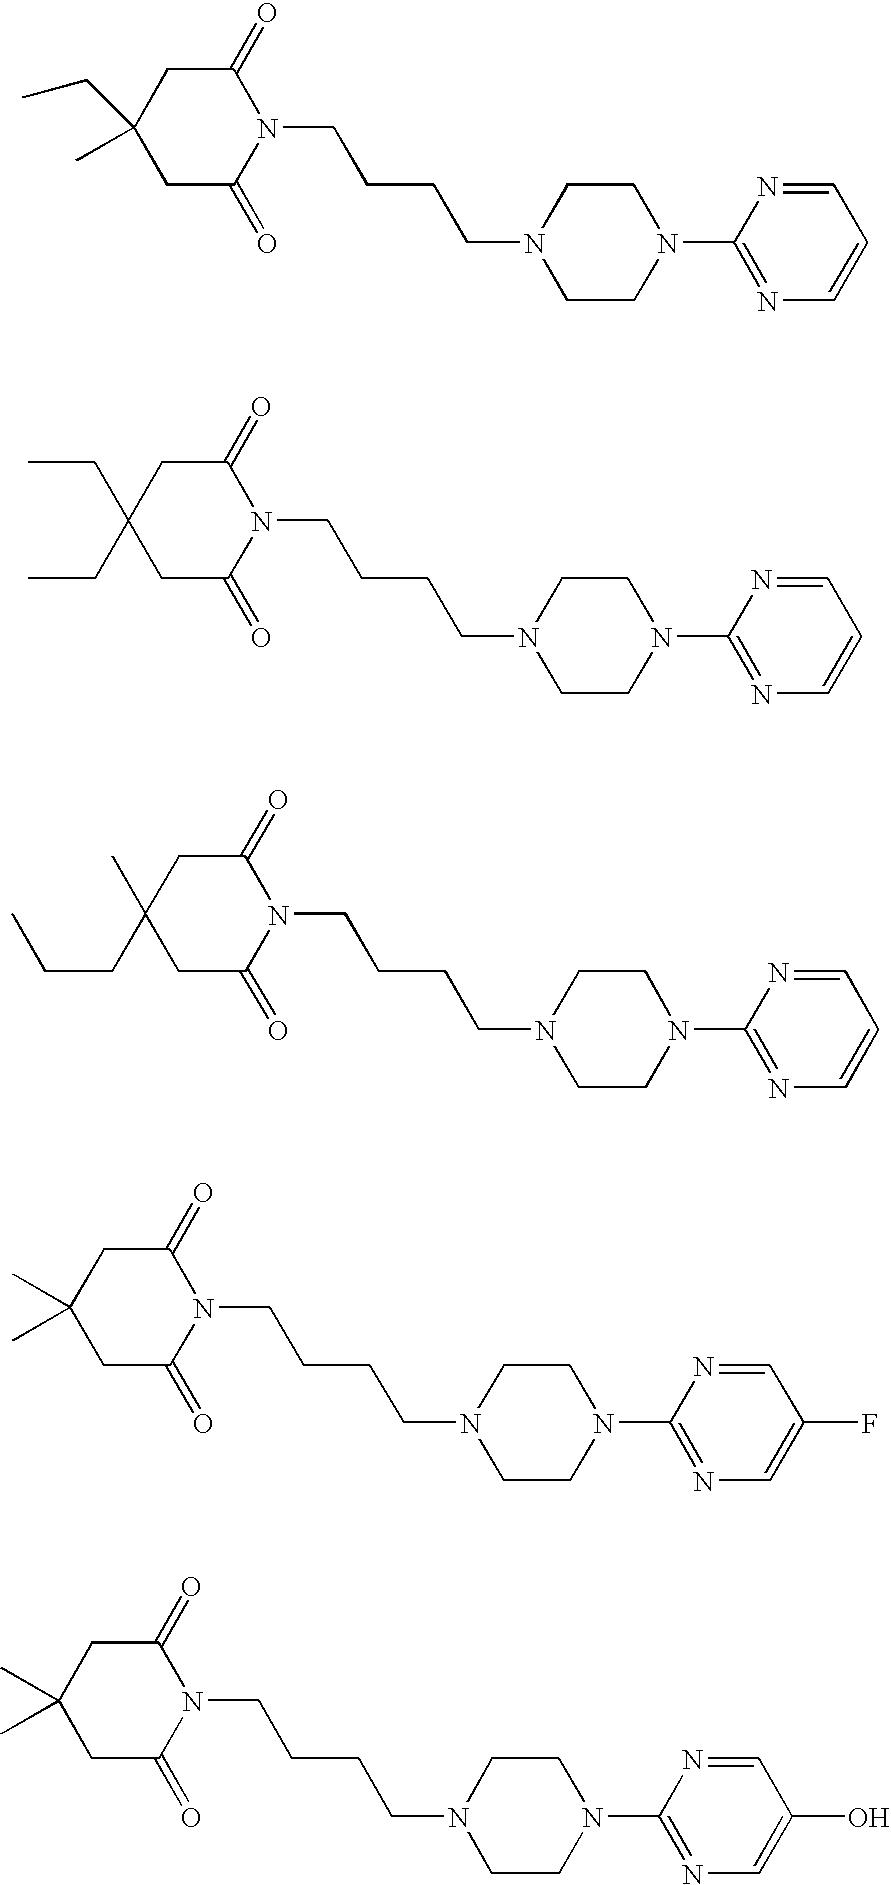 Figure US20100009983A1-20100114-C00009